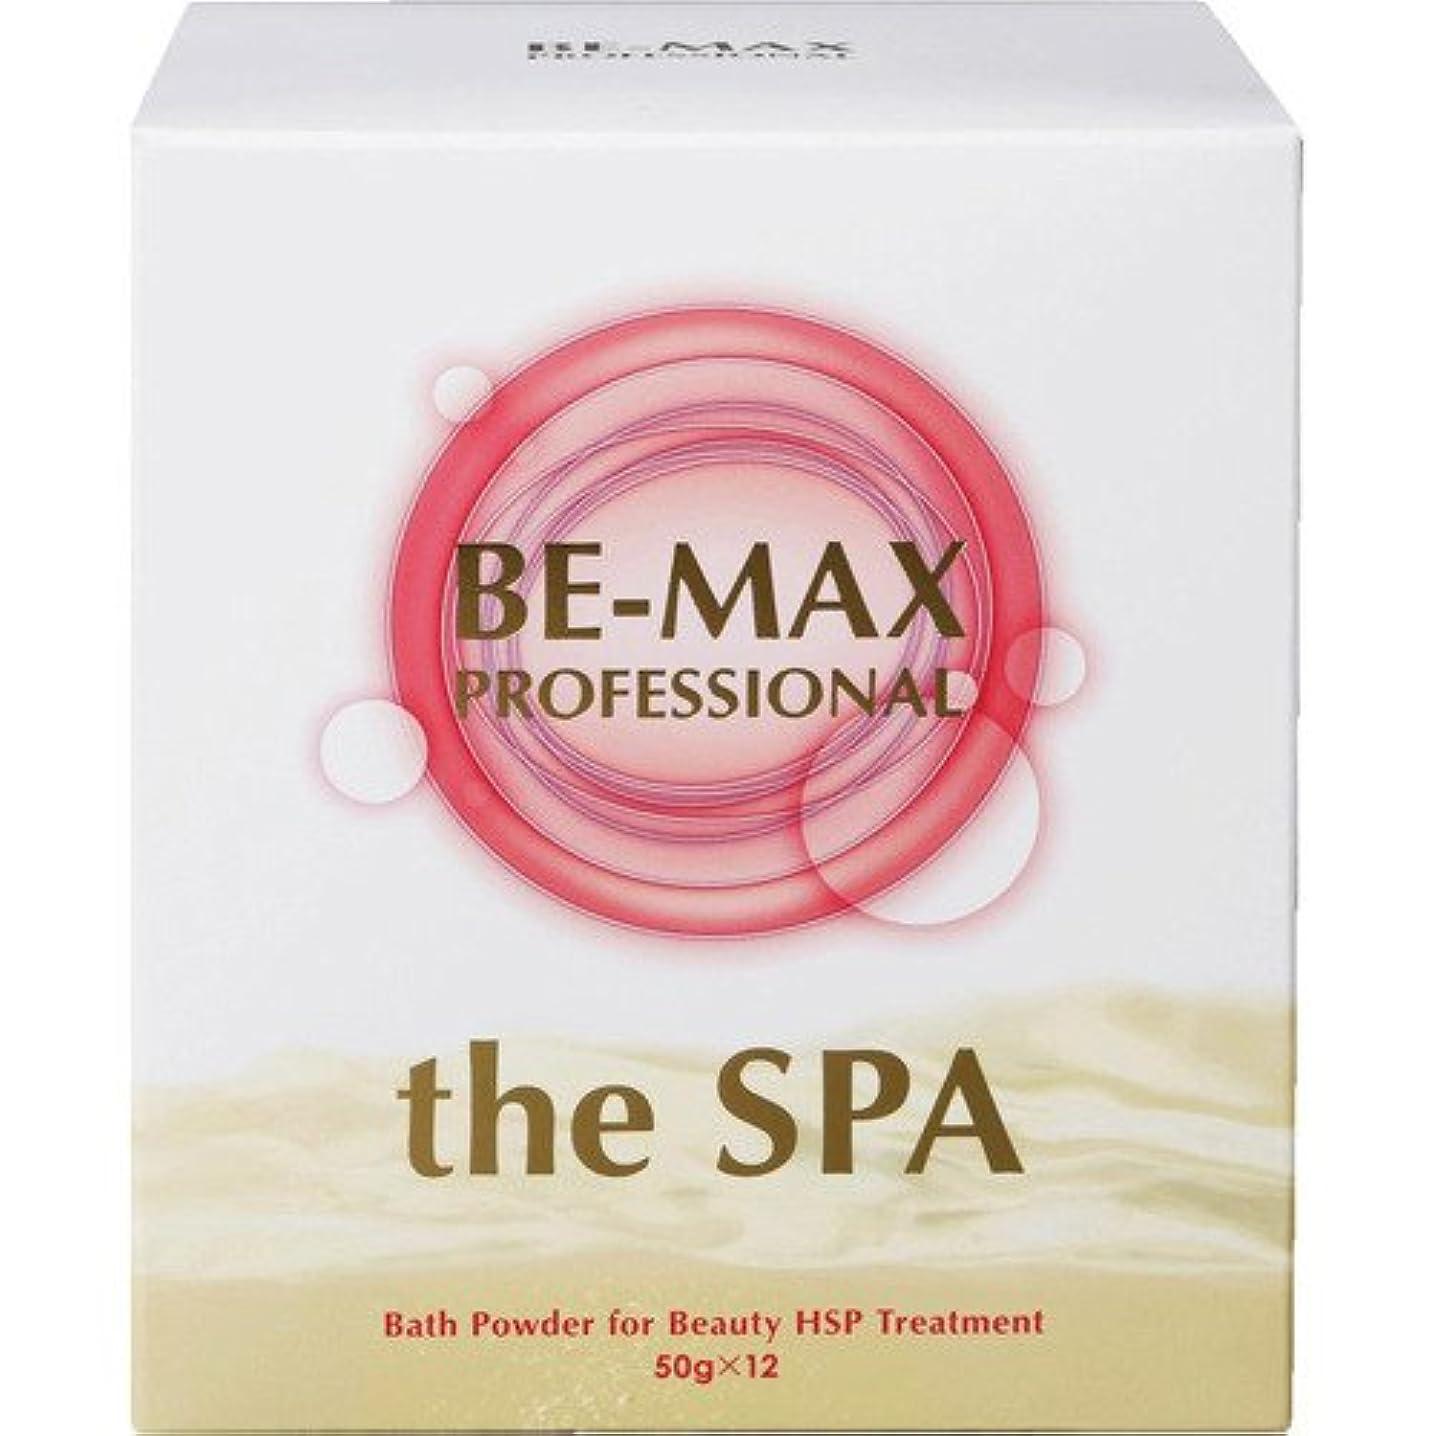 マイクロ盲目列車BE-MAX the SPA 入浴剤 柑橘系ハーブ精油がふわりと香る微炭酸湯